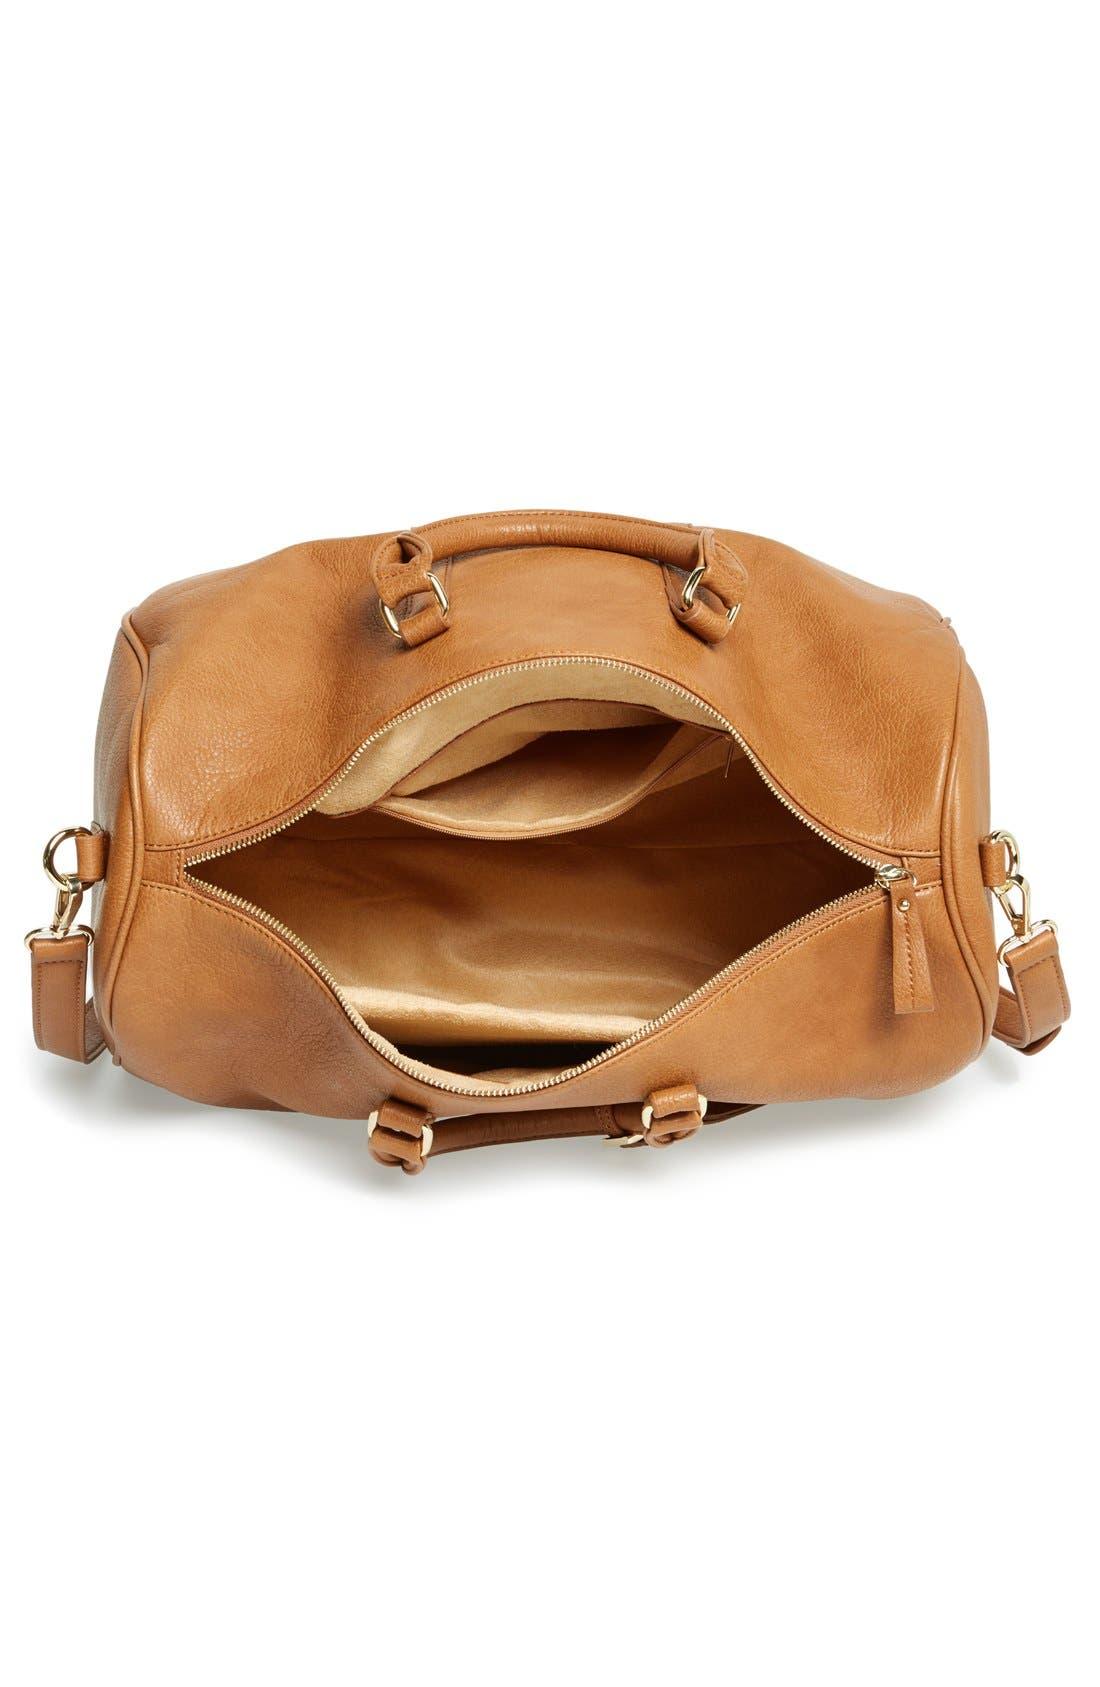 'Cassidy' Faux Leather Duffel Bag,                             Alternate thumbnail 9, color,                             COGNAC